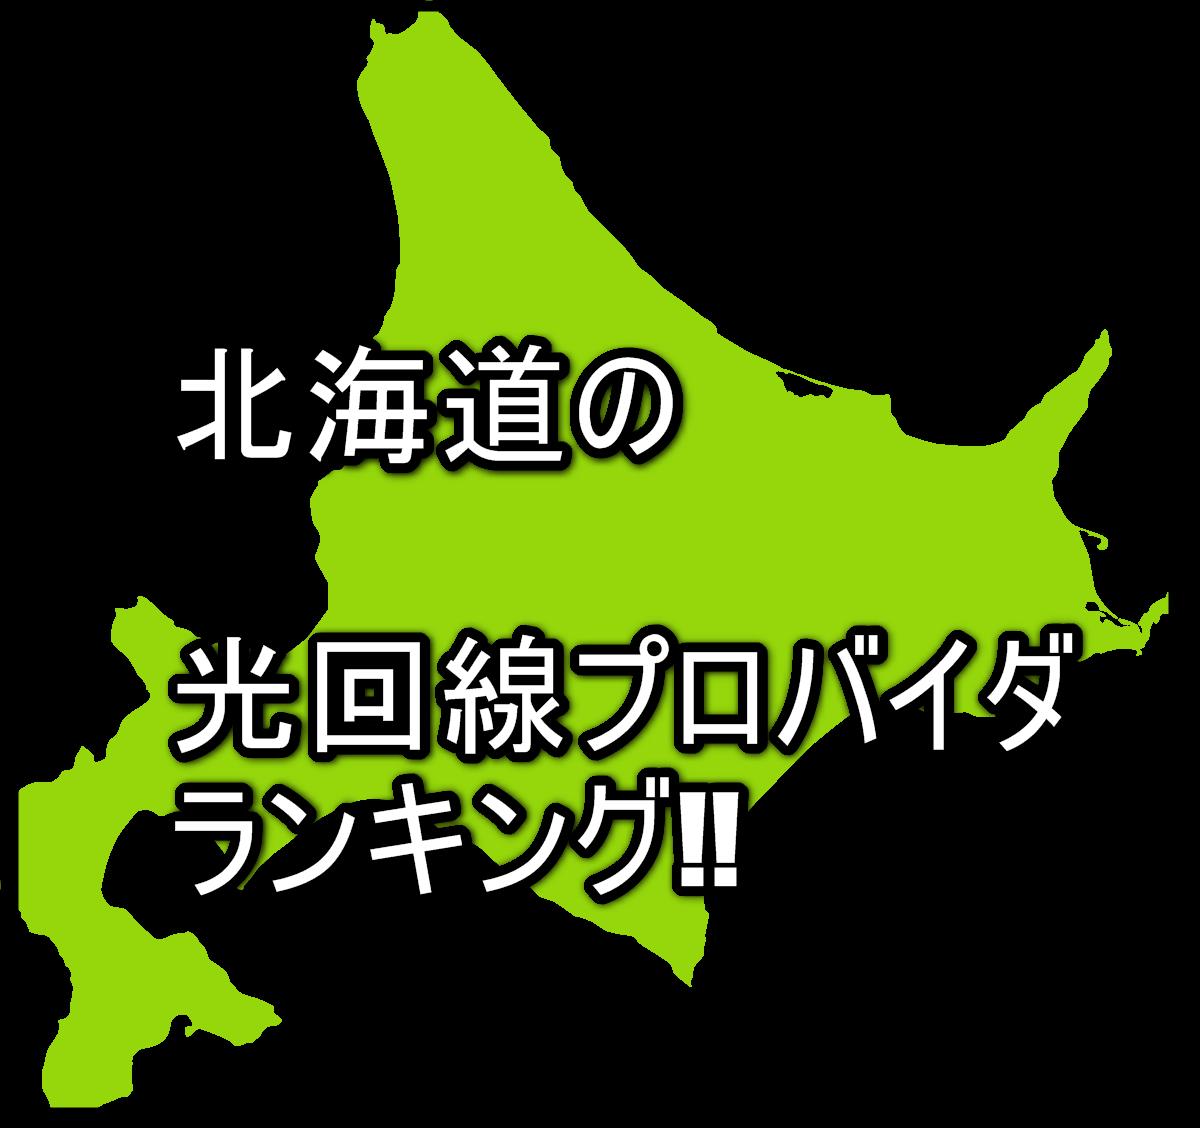 北海道の光ネット回線の比較ランキング